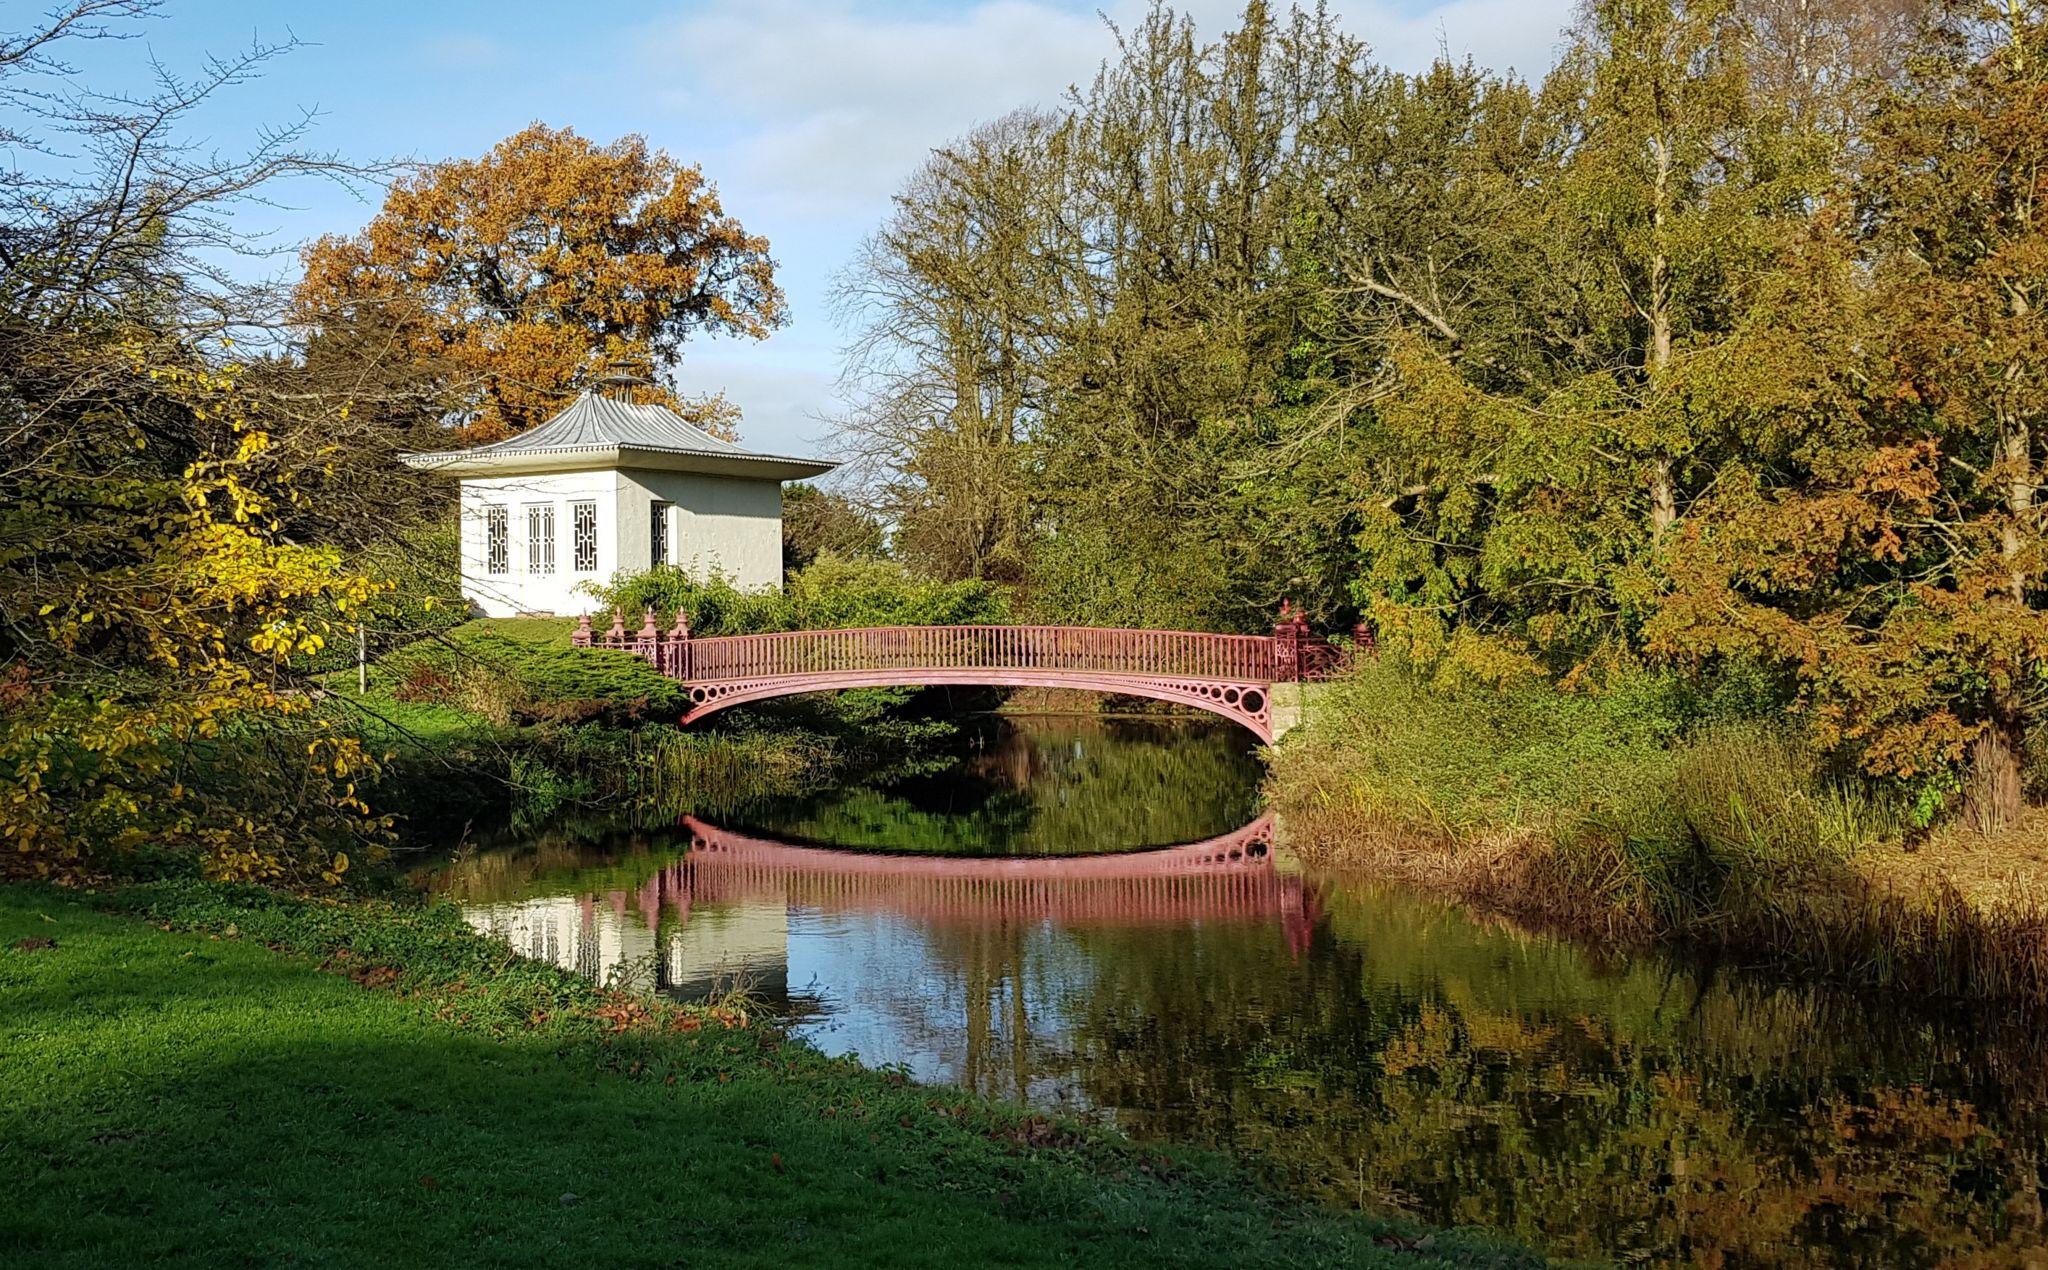 Bridge reflected over water